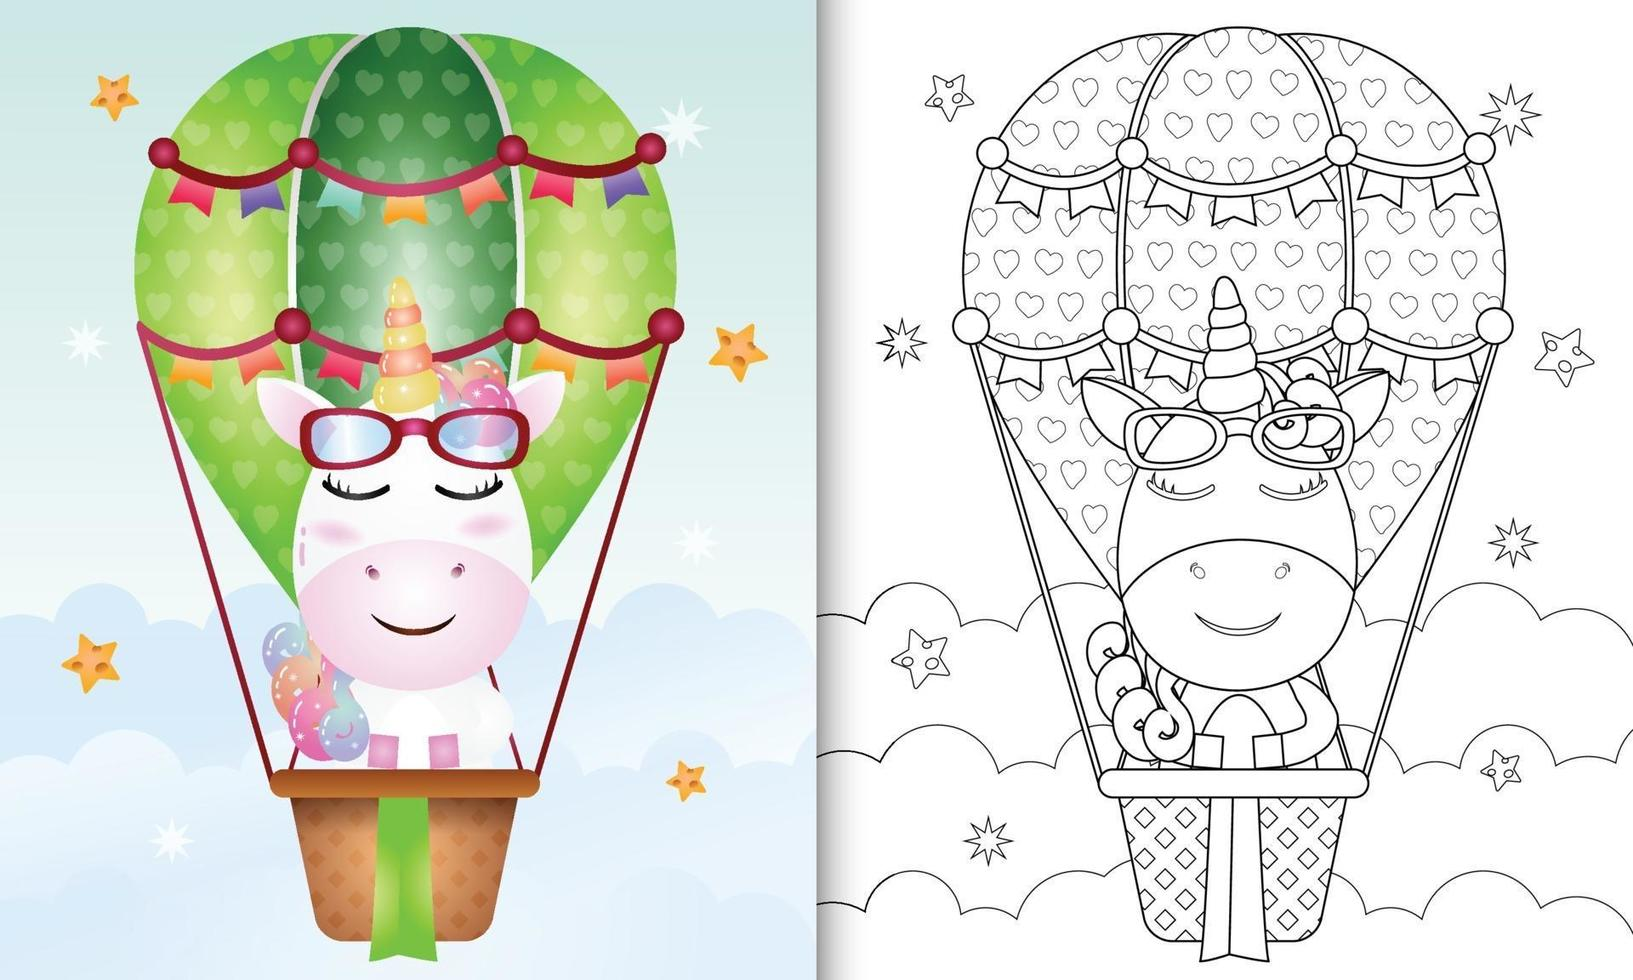 Malbuchvorlage für Kinder mit einem niedlichen Einhorn auf Heißluftballon vektor